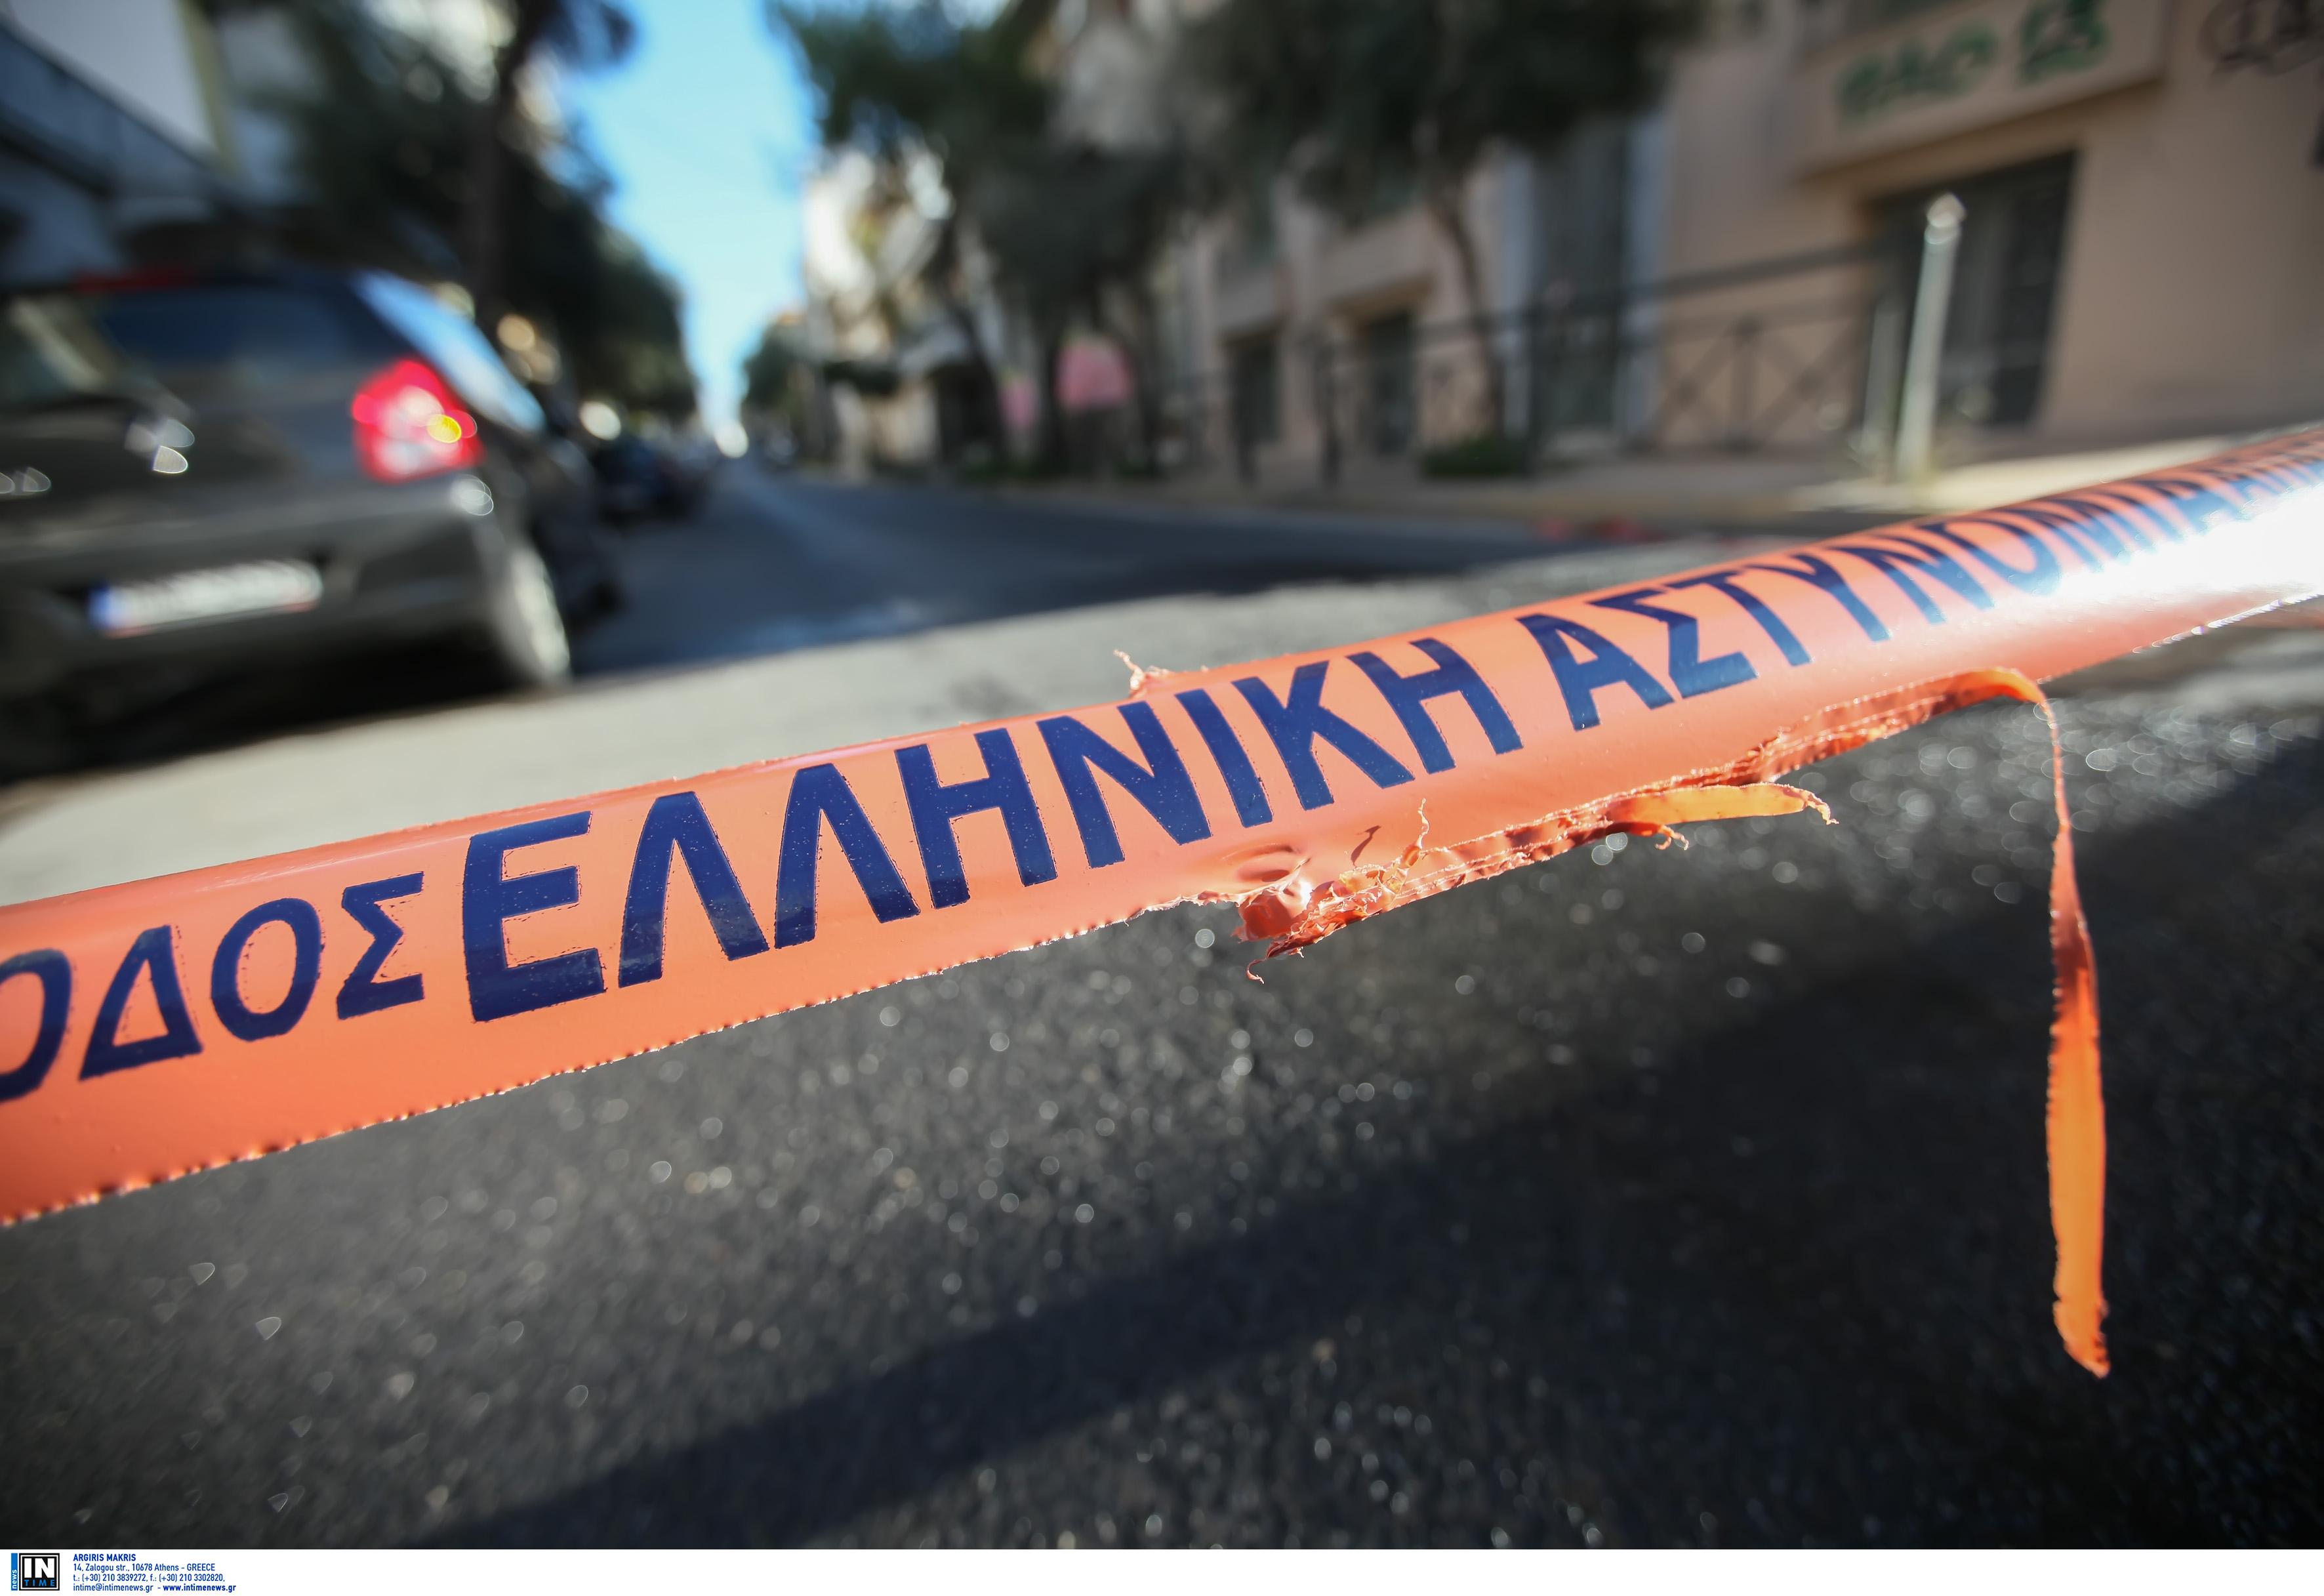 Μεσσήνη: Συλλήψεις για τους πυροβολισμούς – Προβληματισμός για τη βεντέτα ανάμεσα σε τρεις οικογένειες!